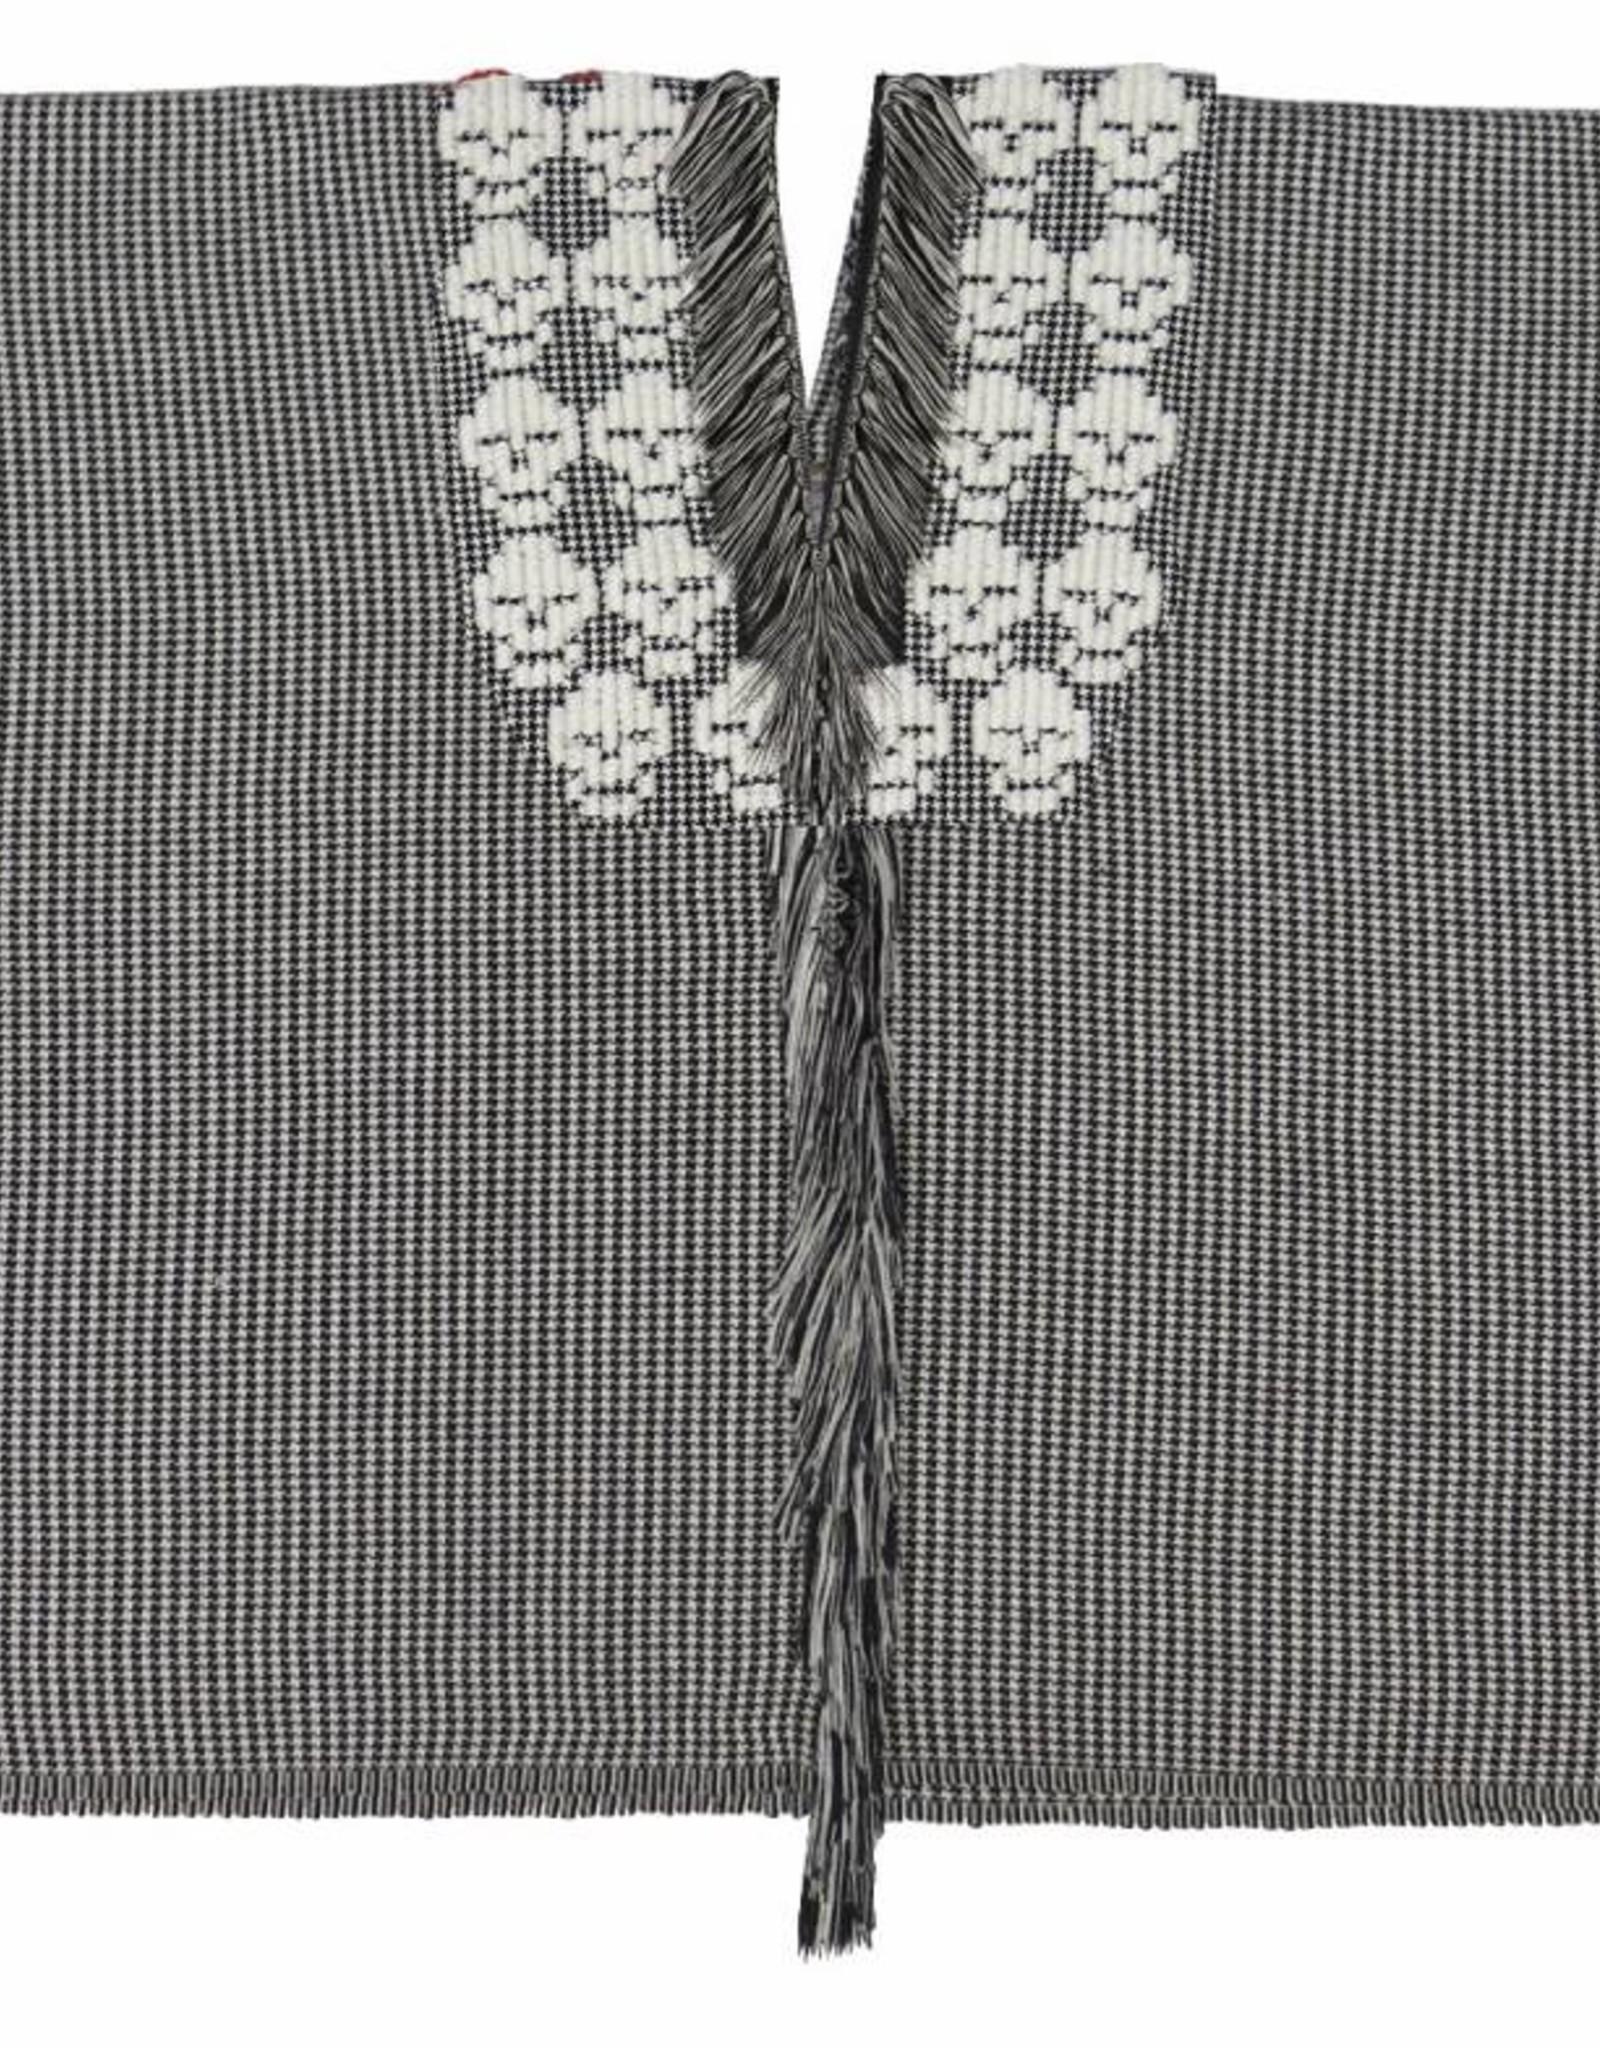 TALLER 67 poncho corto con tela gruesa rehilete con calaveras bordadas tejido  en telar de pedal CRUDO NEGRO , NEGRO CRUDO